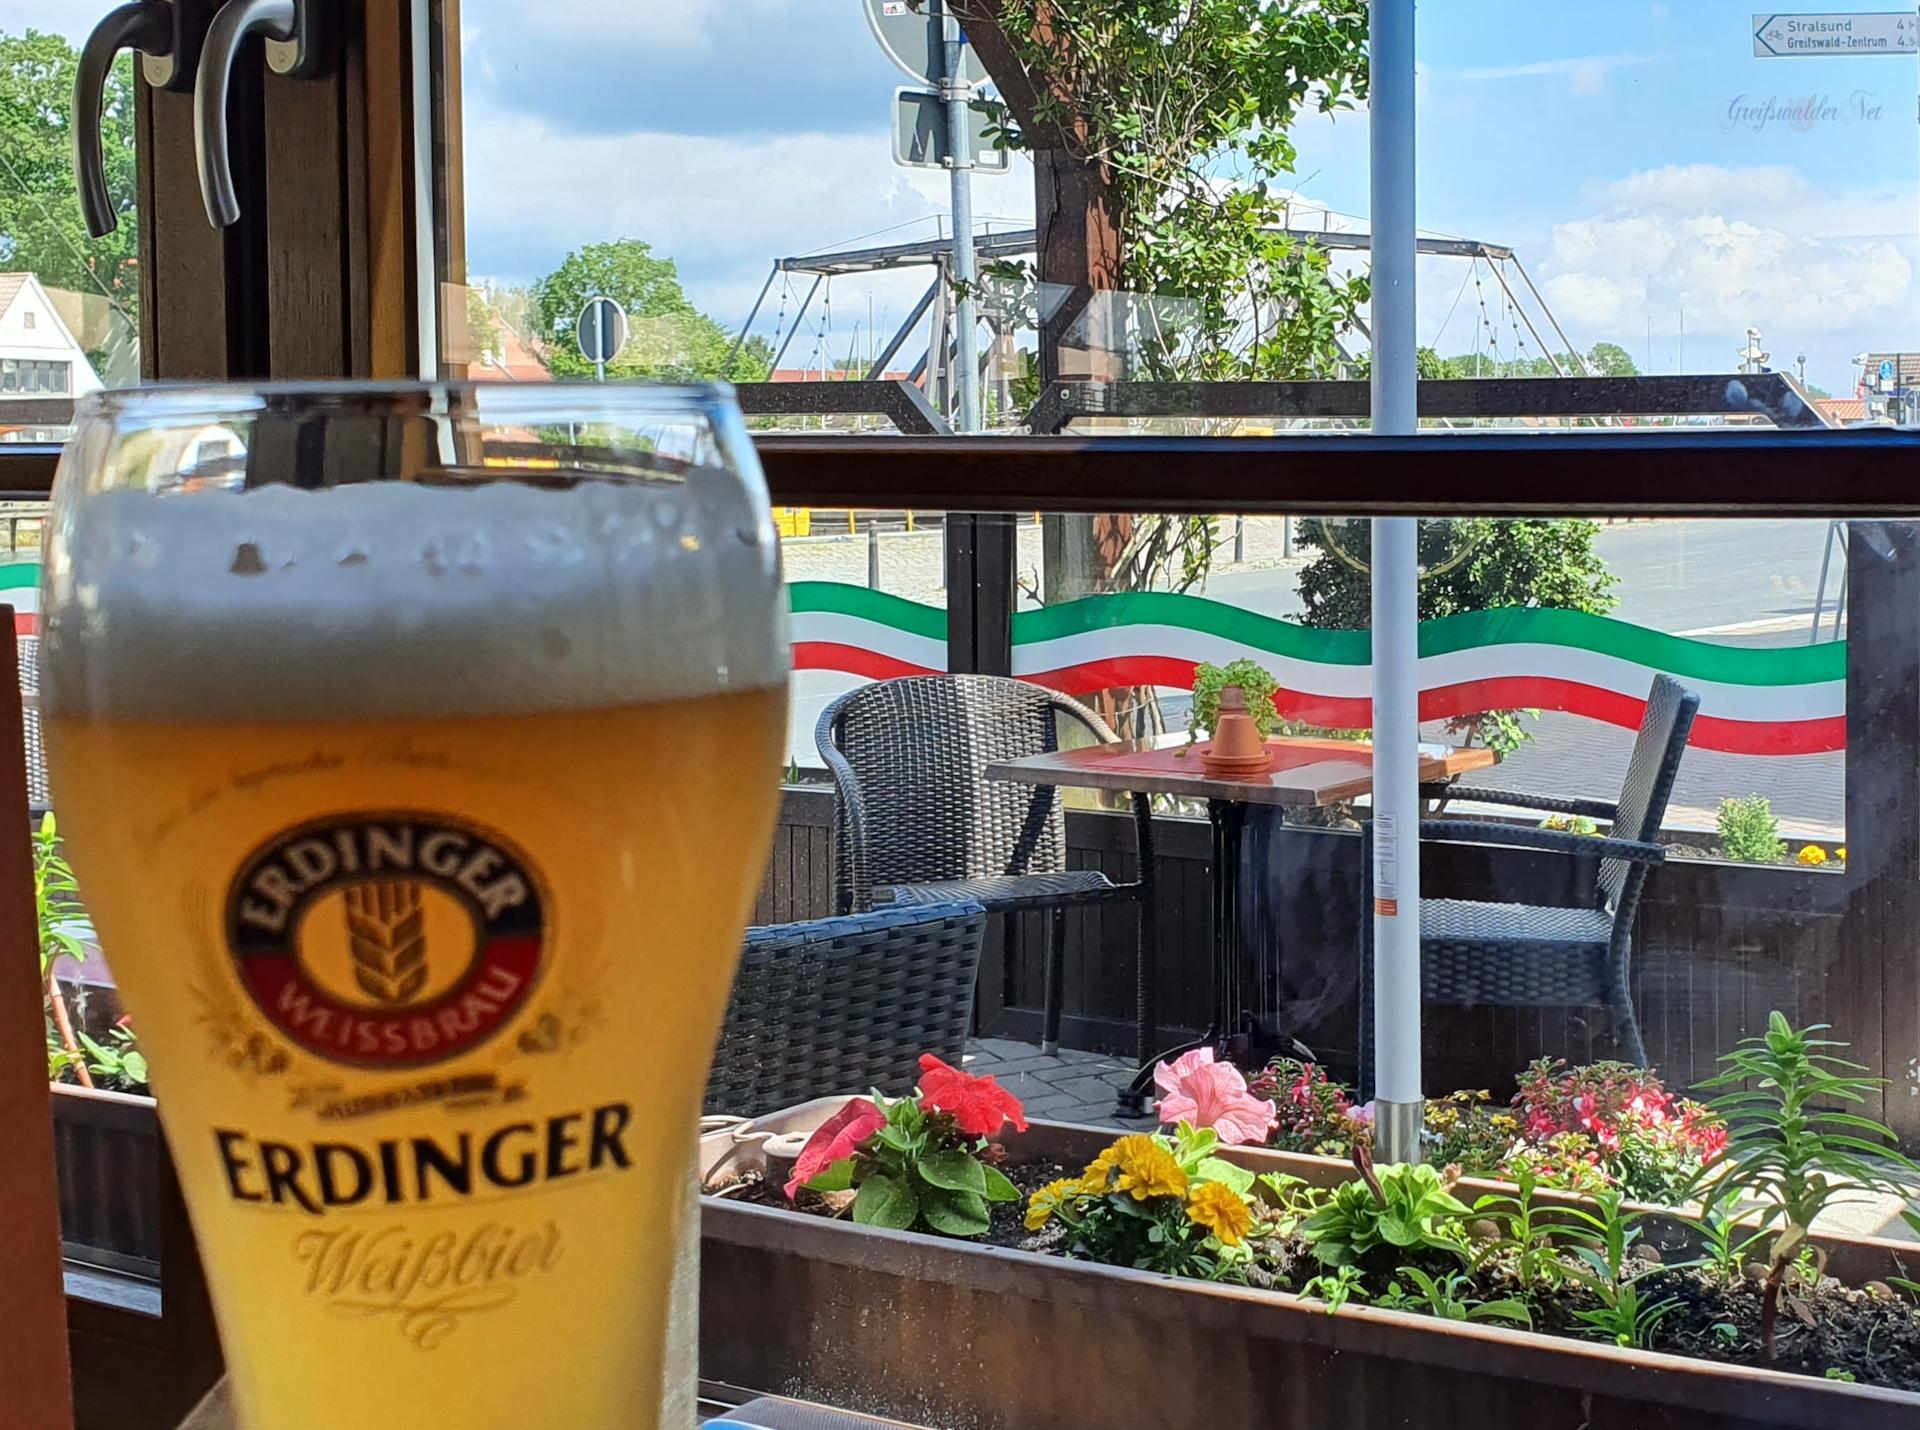 Bier trinken in Greifswald-Wieck, ERDINGER Weißbier Alkoholfrei